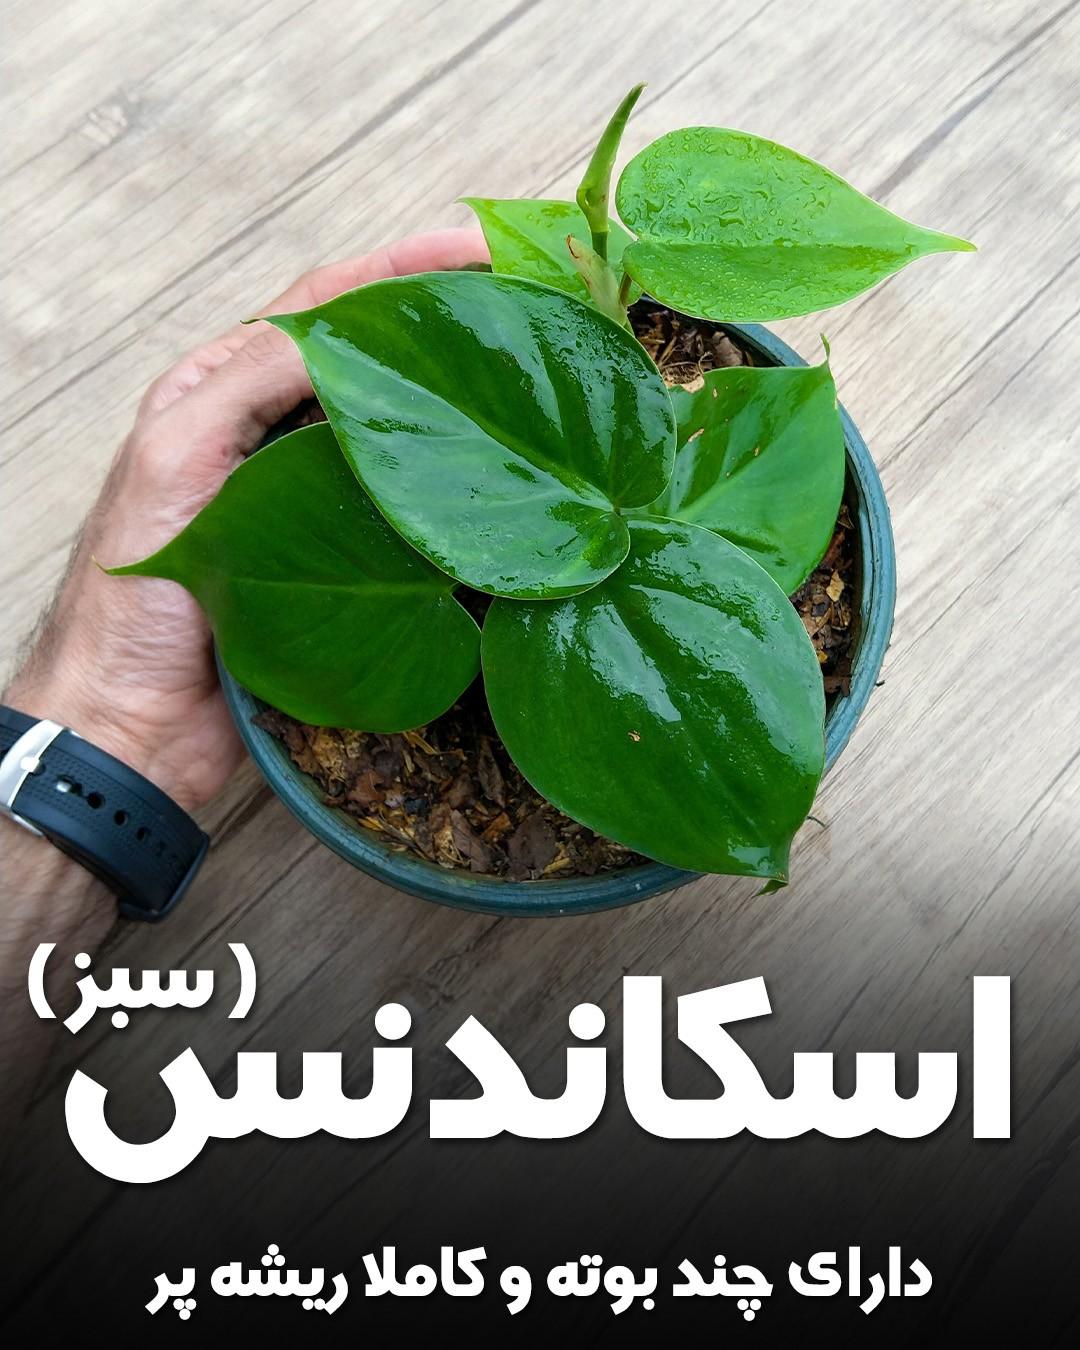 گیاه اسکاندنس (پتوس قلبی)